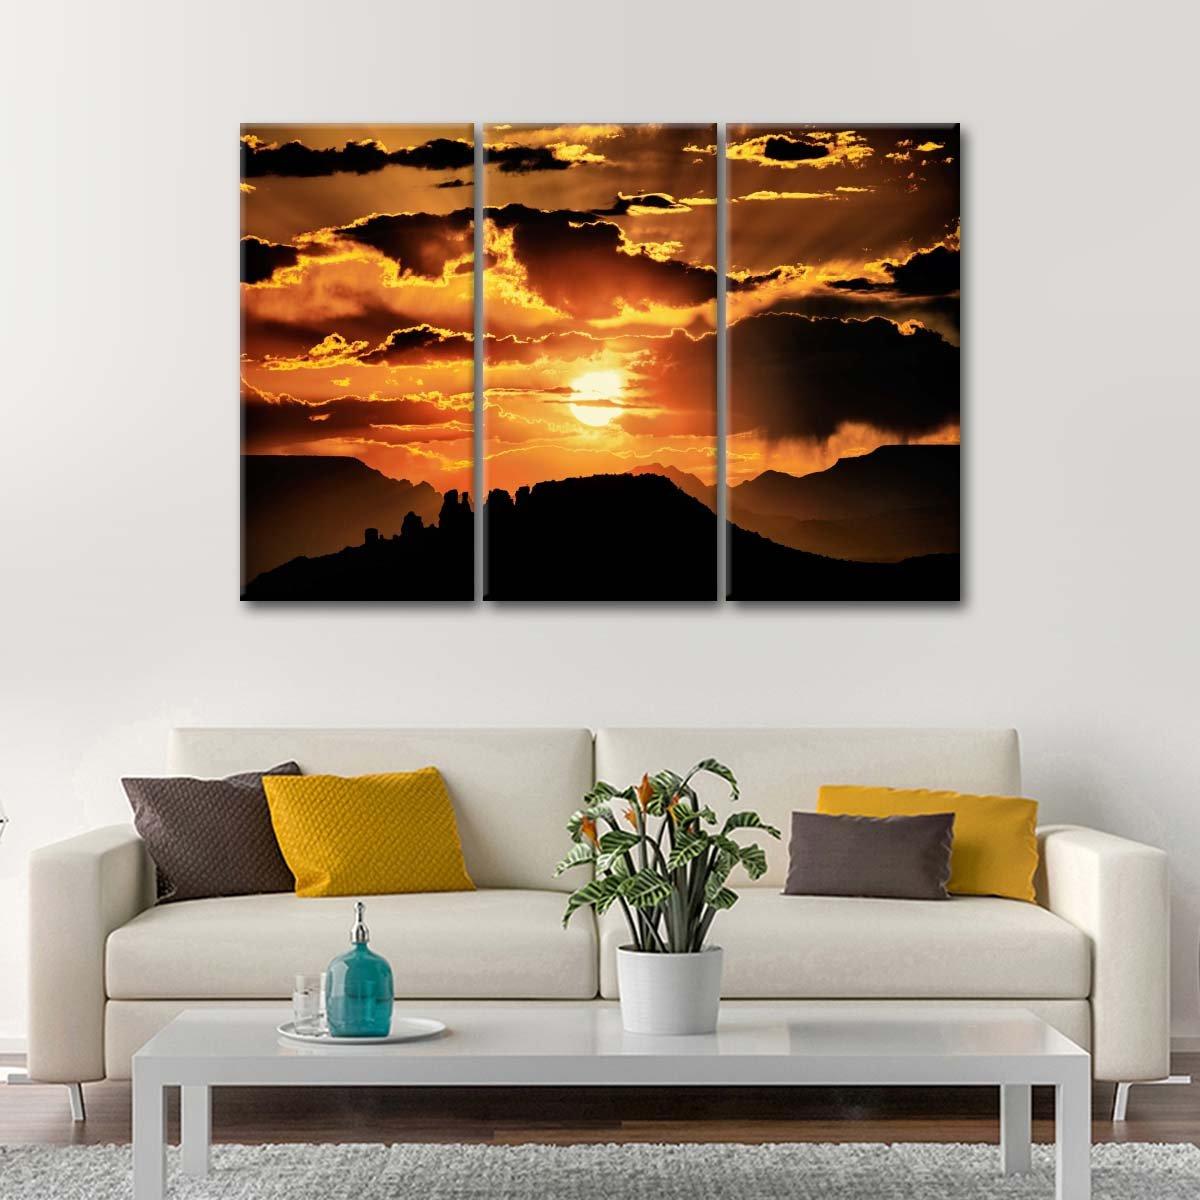 Sunset in Sedona Multi Panel Canvas Wall Art